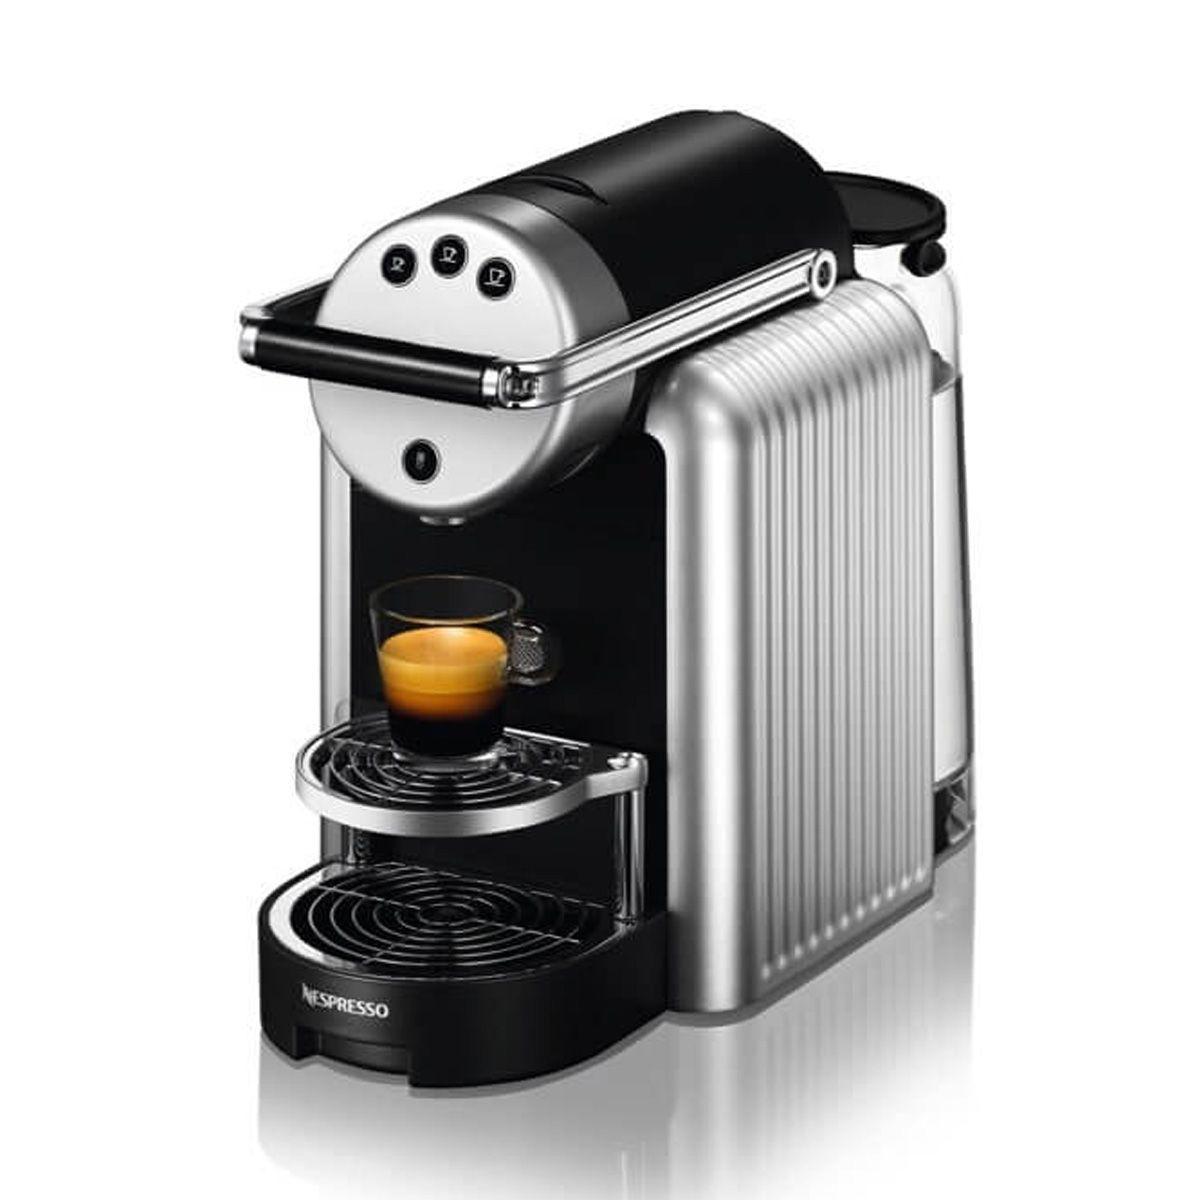 Nespresso Professional Zenius 100